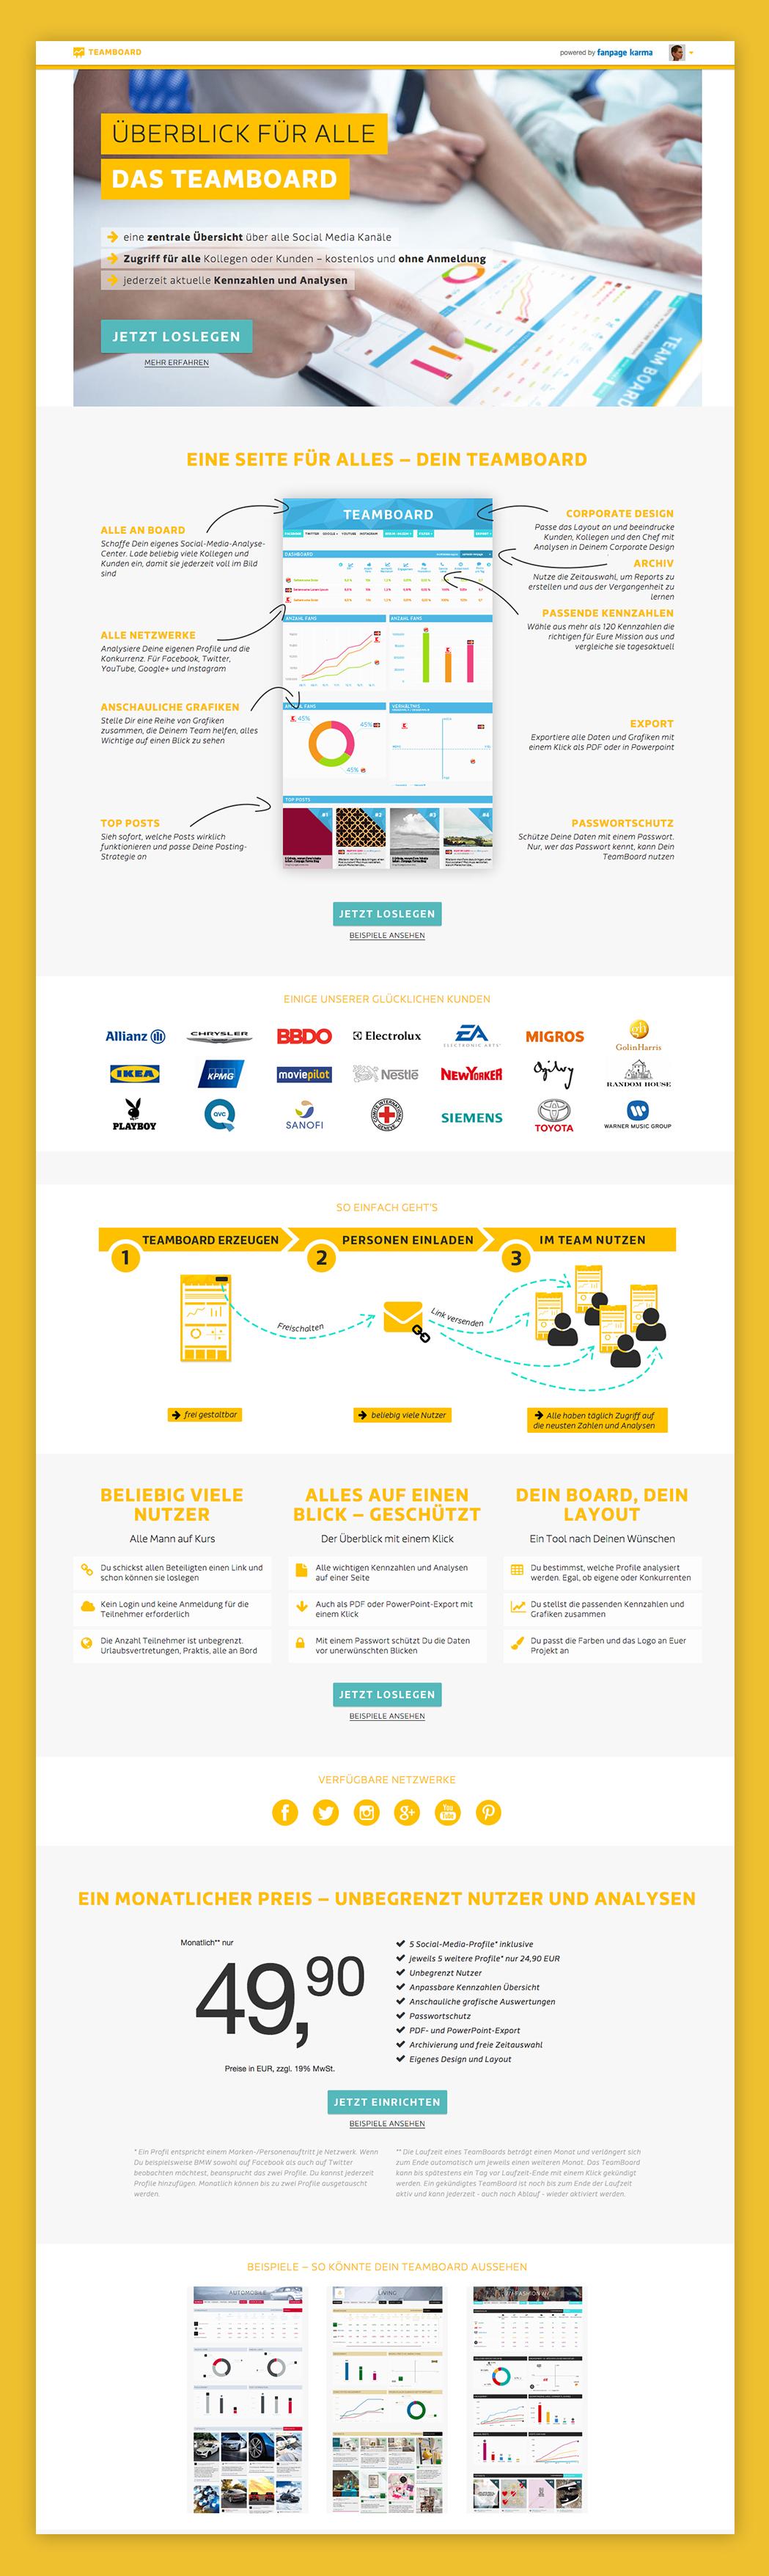 MaritaHeinzelmann_UX_UI_Design_Teamboard_FanpageKarma_LandingPage